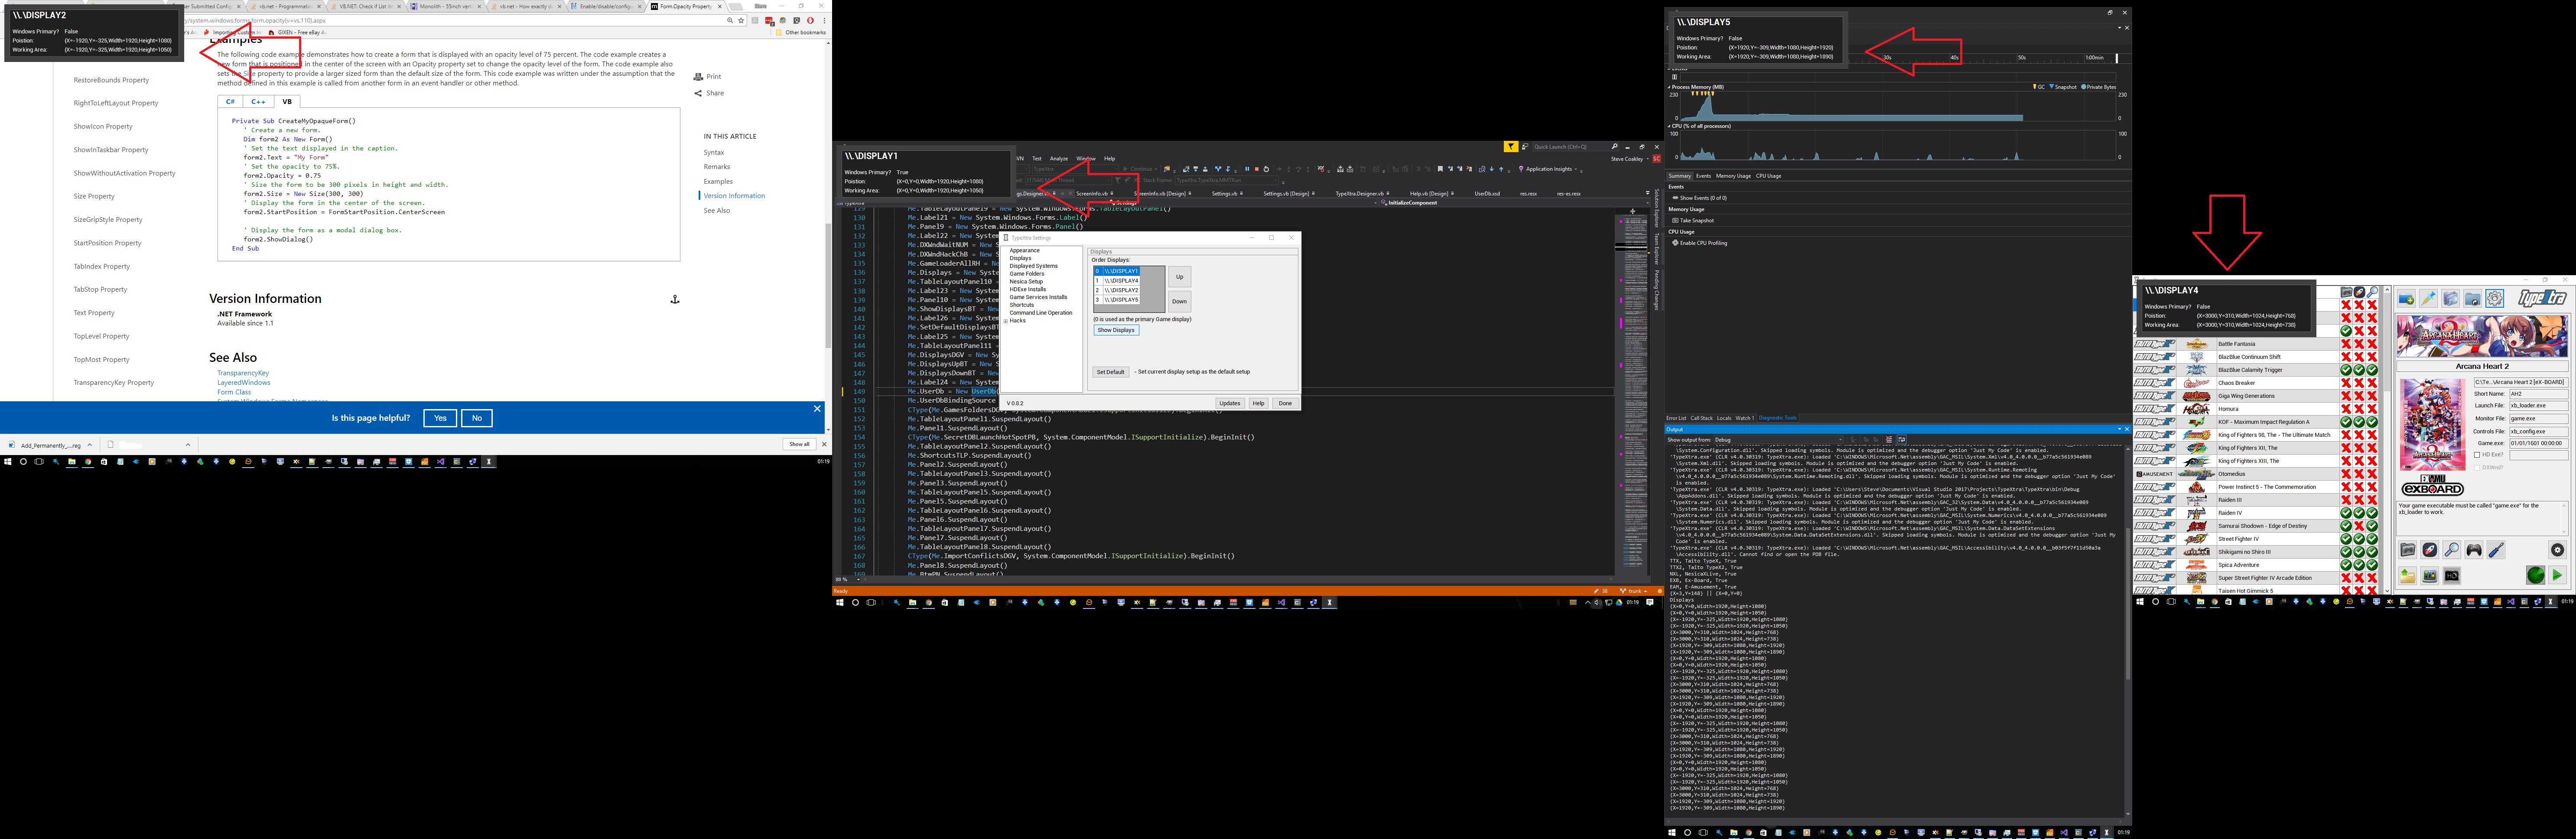 Typextra Emulator